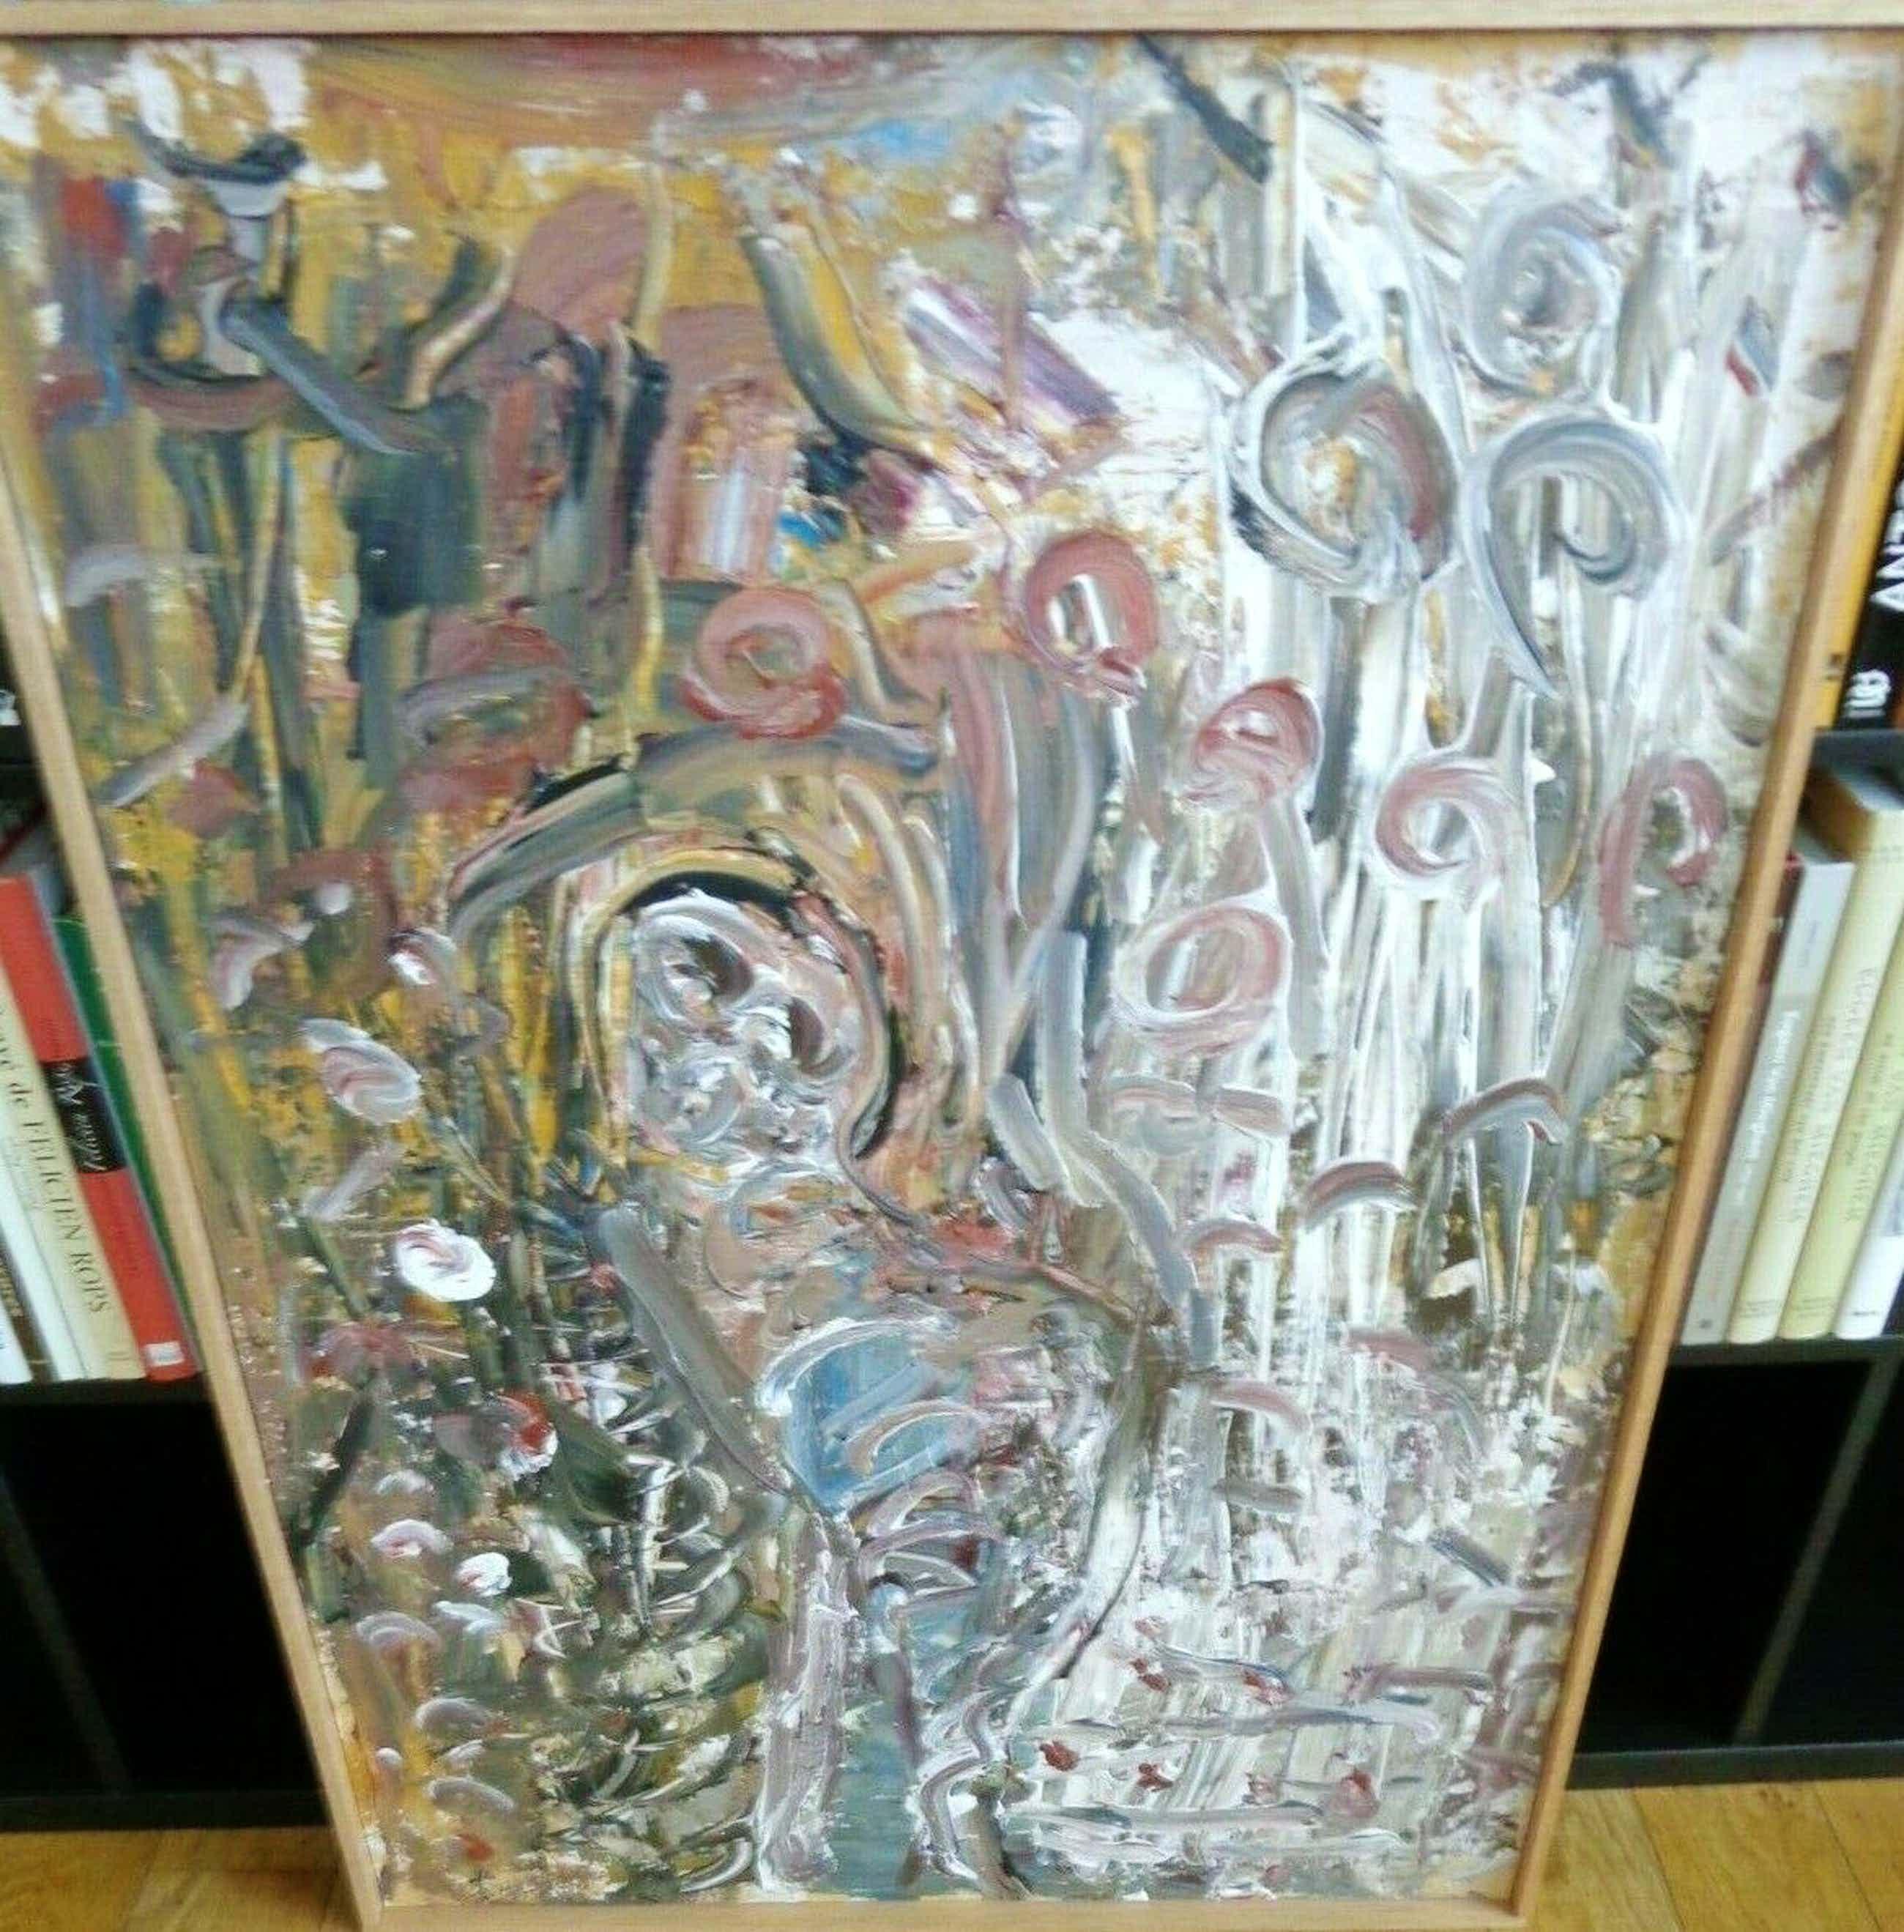 Jacques Slegers - ABSTRACTIE / OLIEVERF PANEEL / 102x72cm / KADER / SIG kopen? Bied vanaf 35!